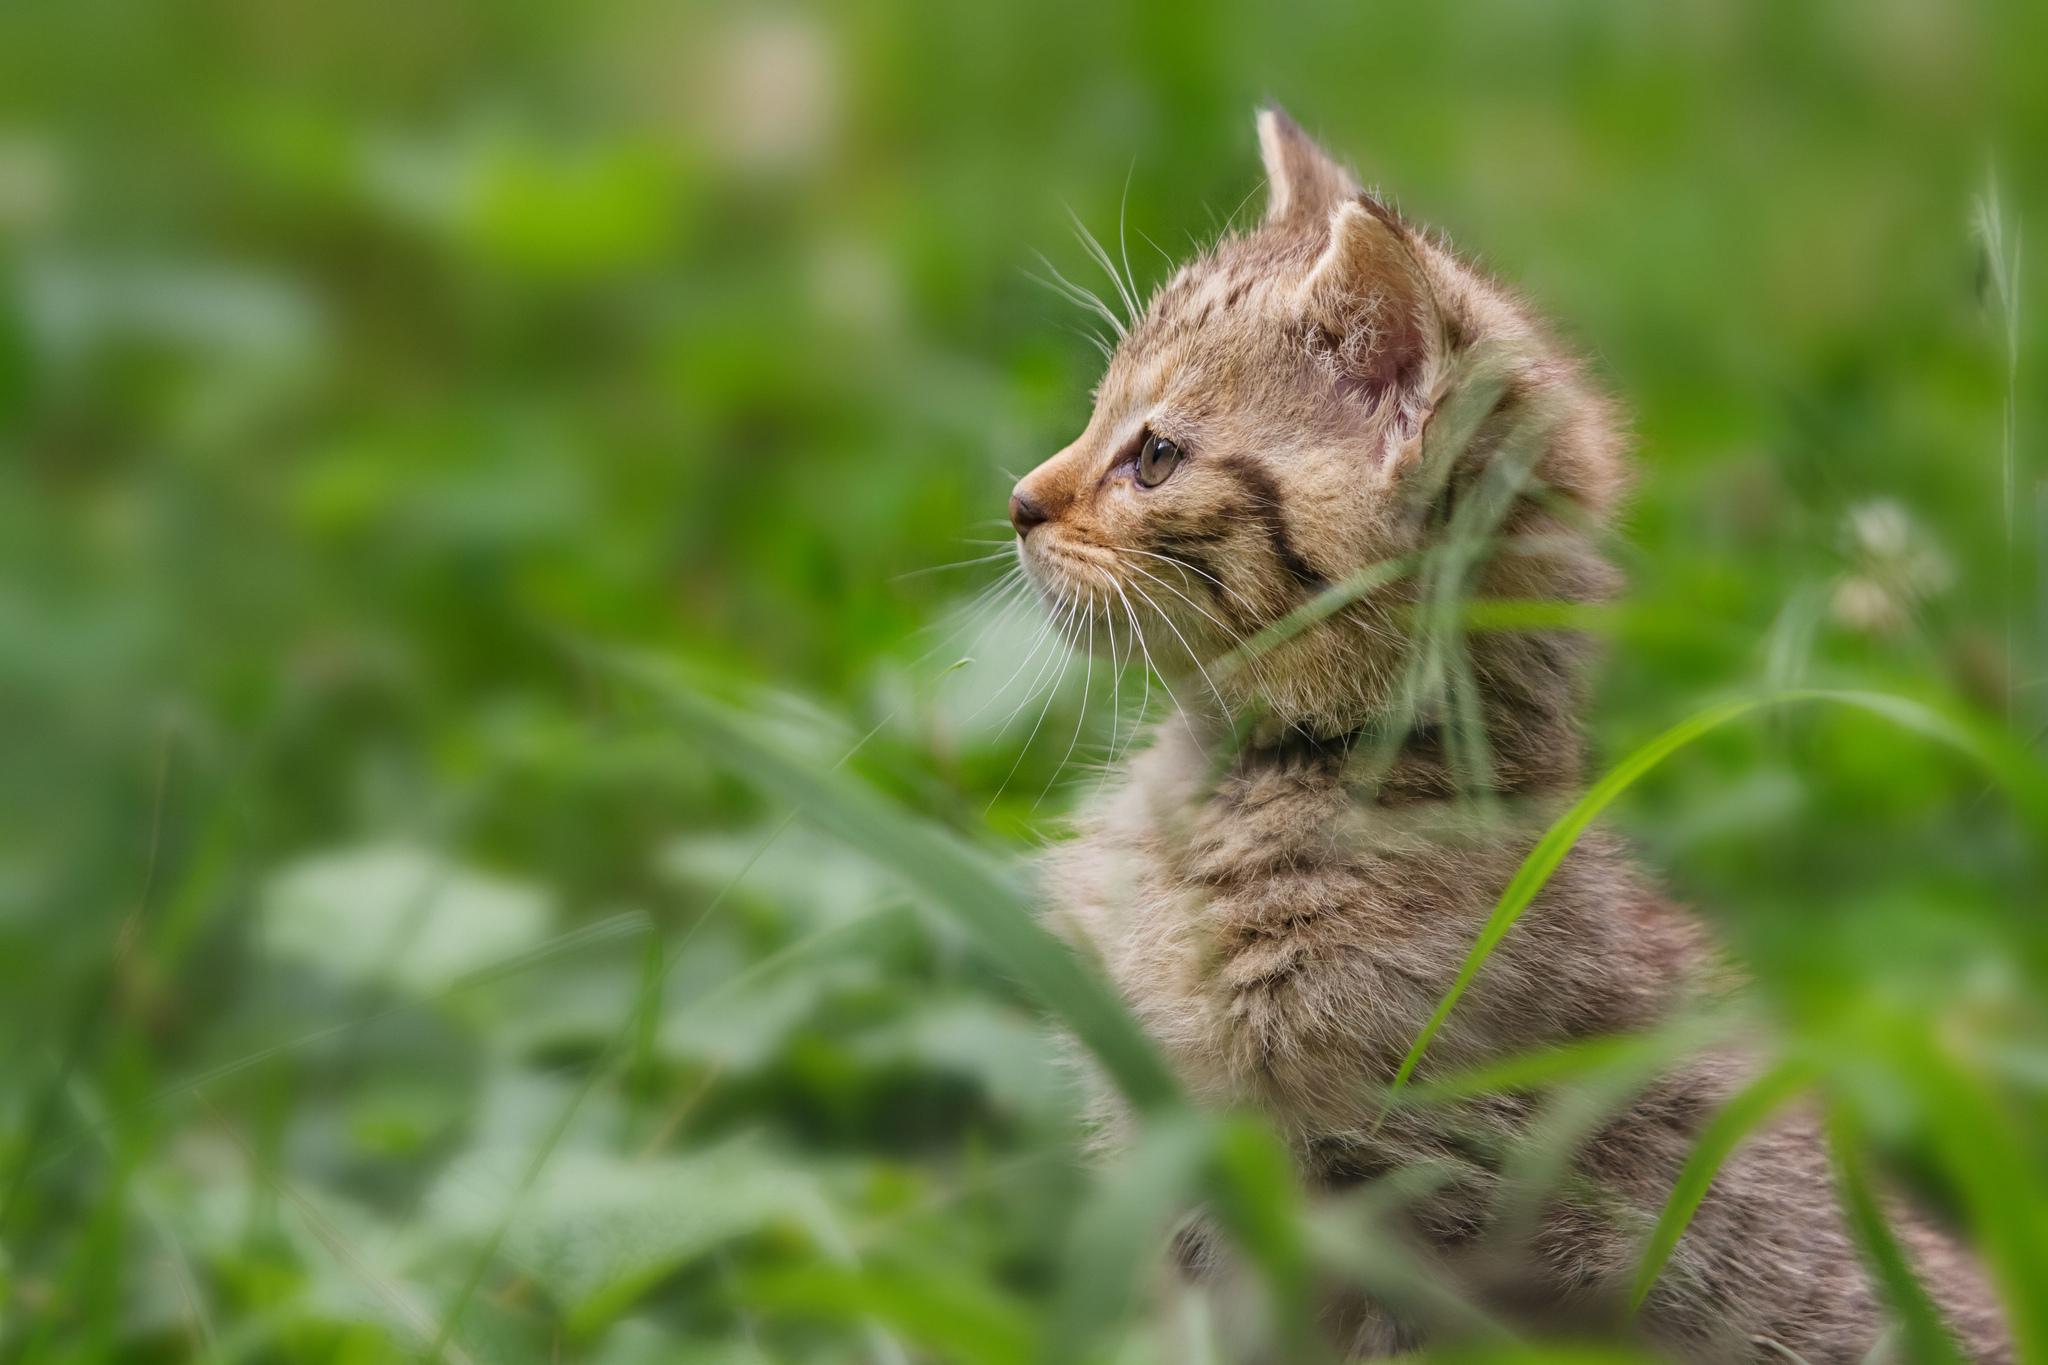 природа животные трава кот  № 1316928 без смс